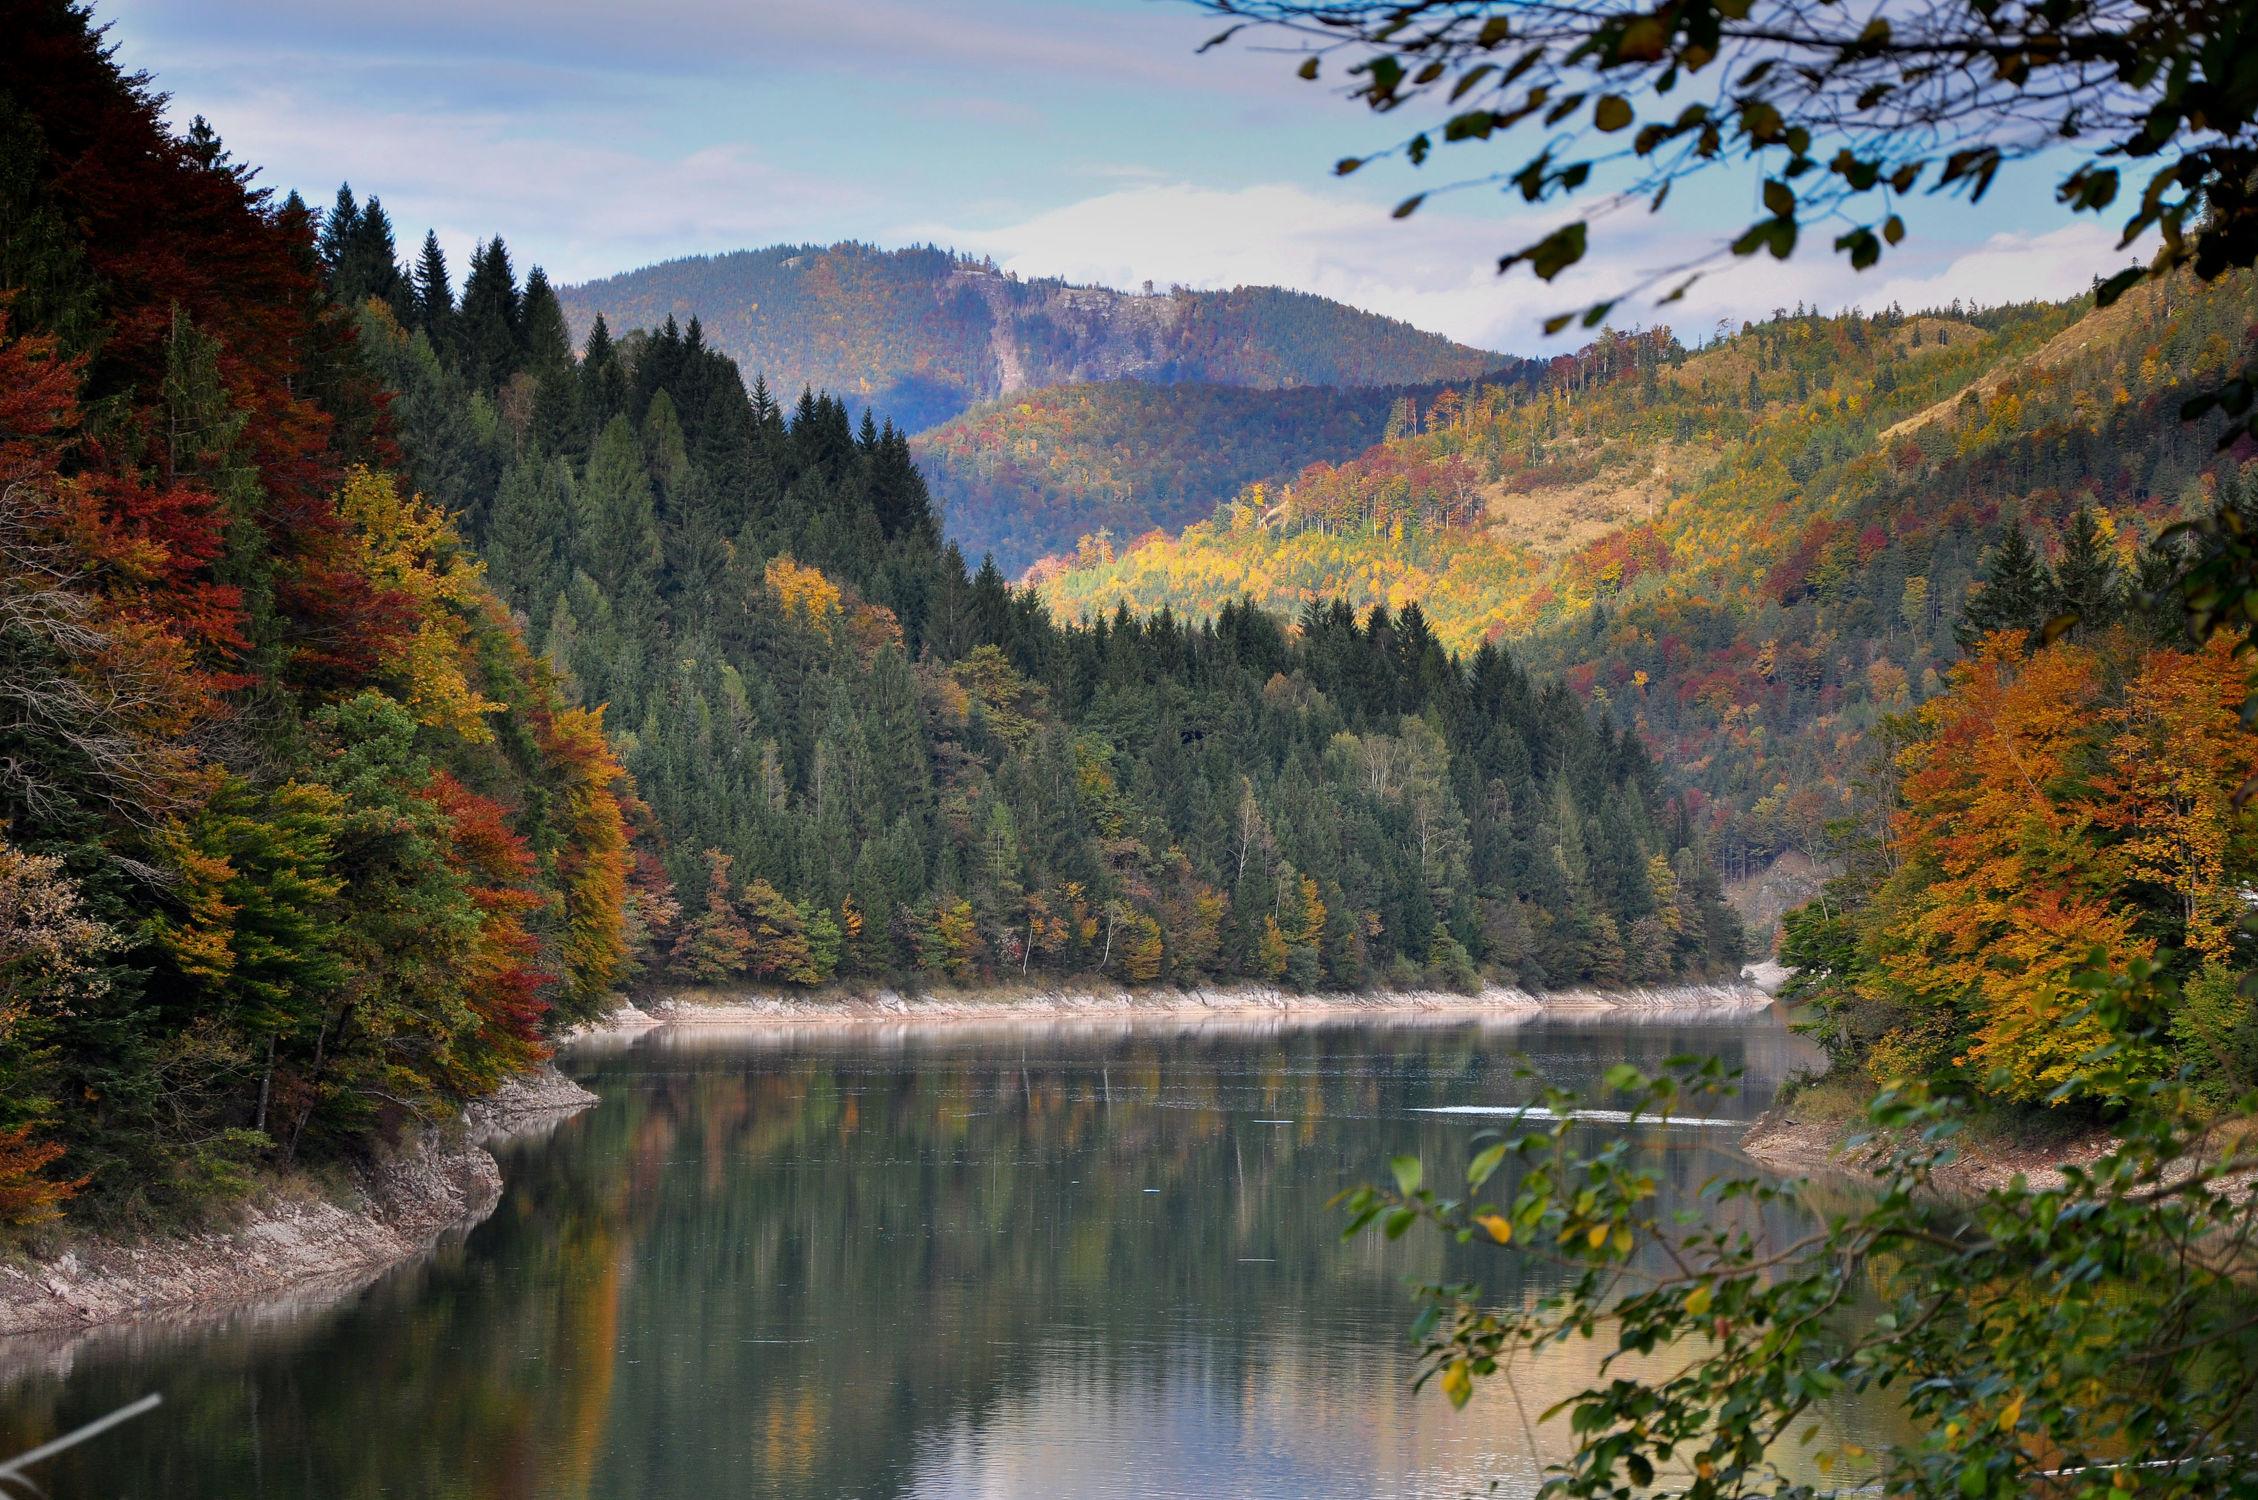 Bild mit Wasser, Landschaften, Landschaften, Berge und Hügel, Berge, Herbst, Blätter, Blatt, See, landscape, berg, stausee